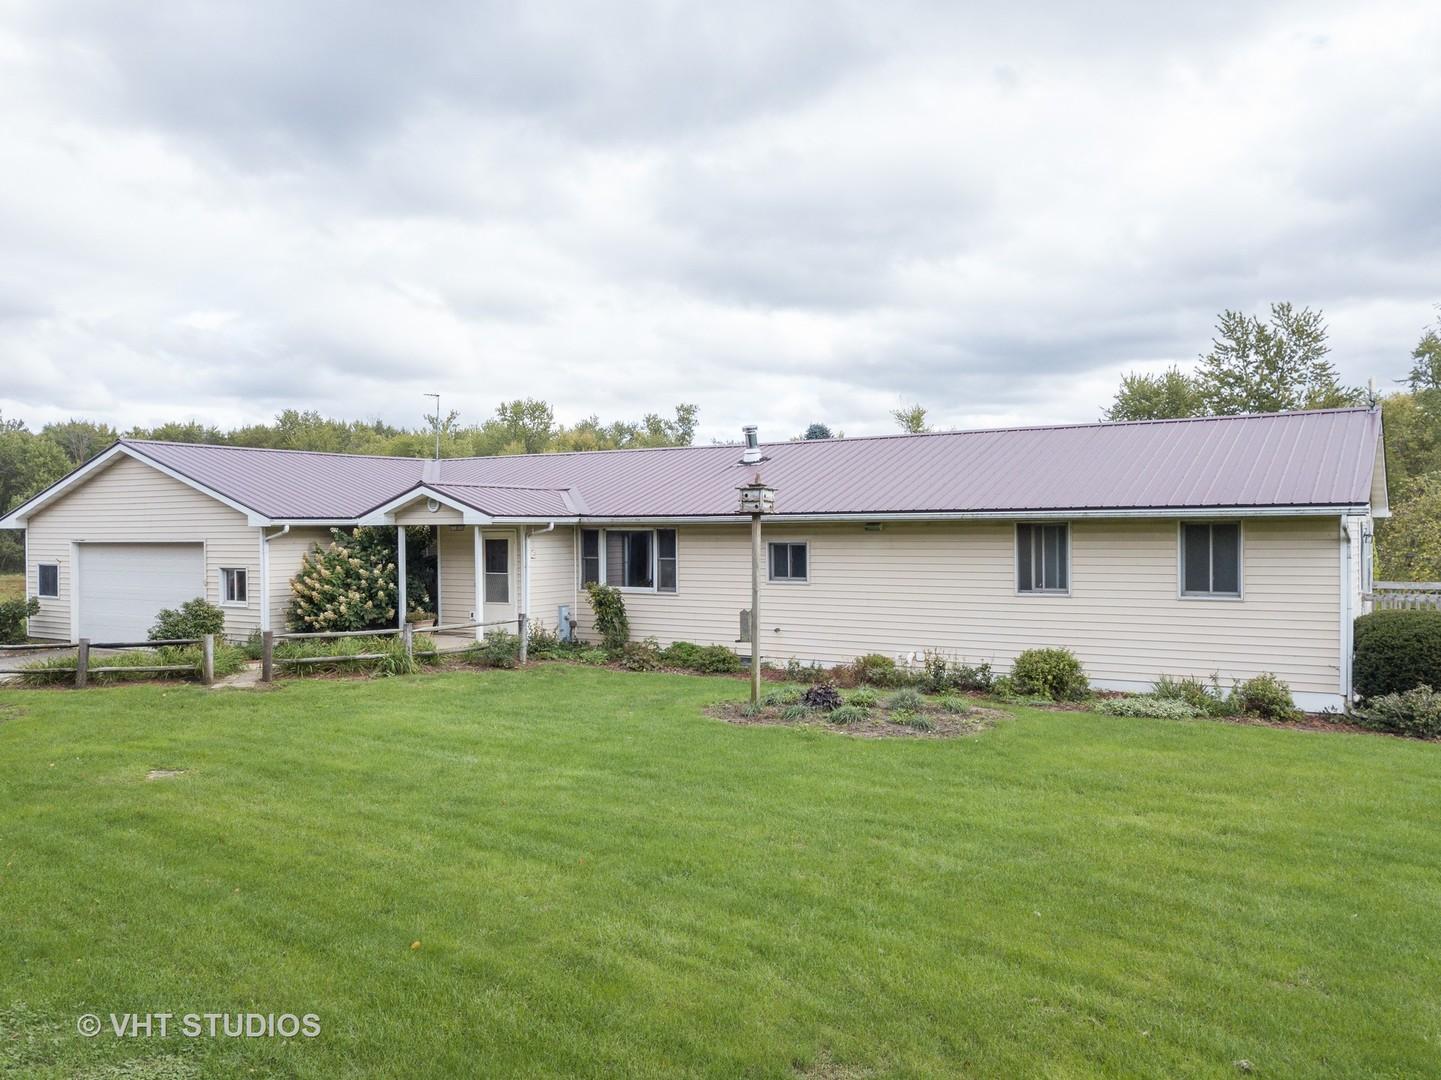 6191 Shattuck, Belvidere, Illinois, 61008